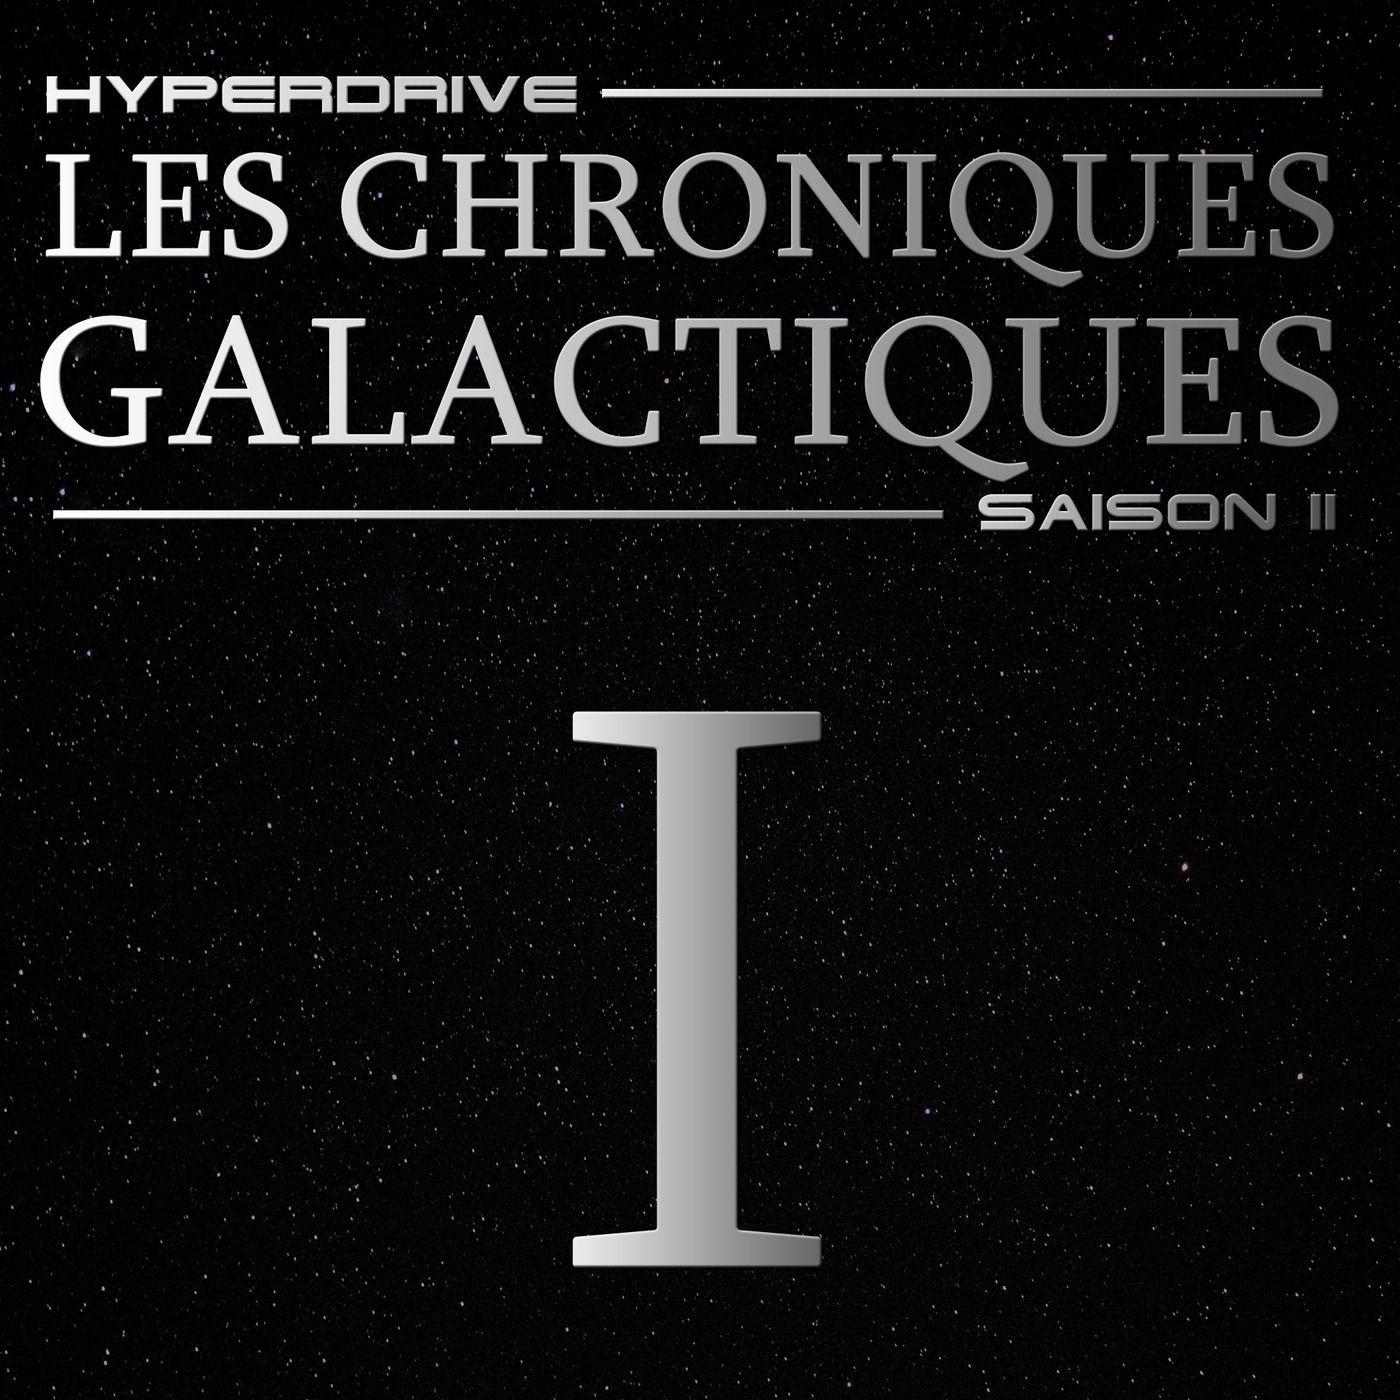 Chroniques Galactiques - S02 - Episode 1/7 - Opération de sauvetage